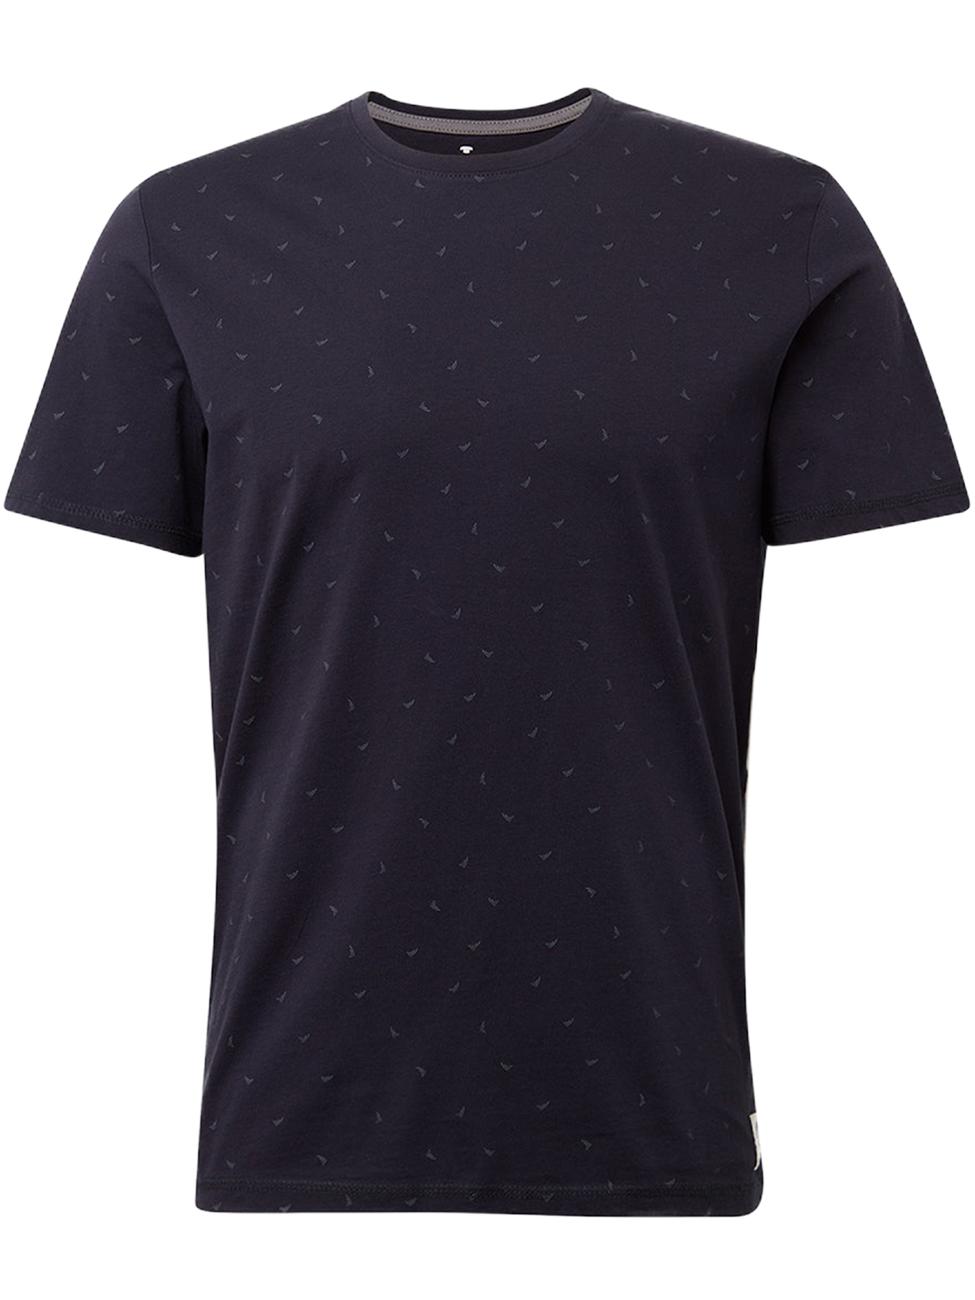 tom-tailor-herren-t-shirt-allover-print